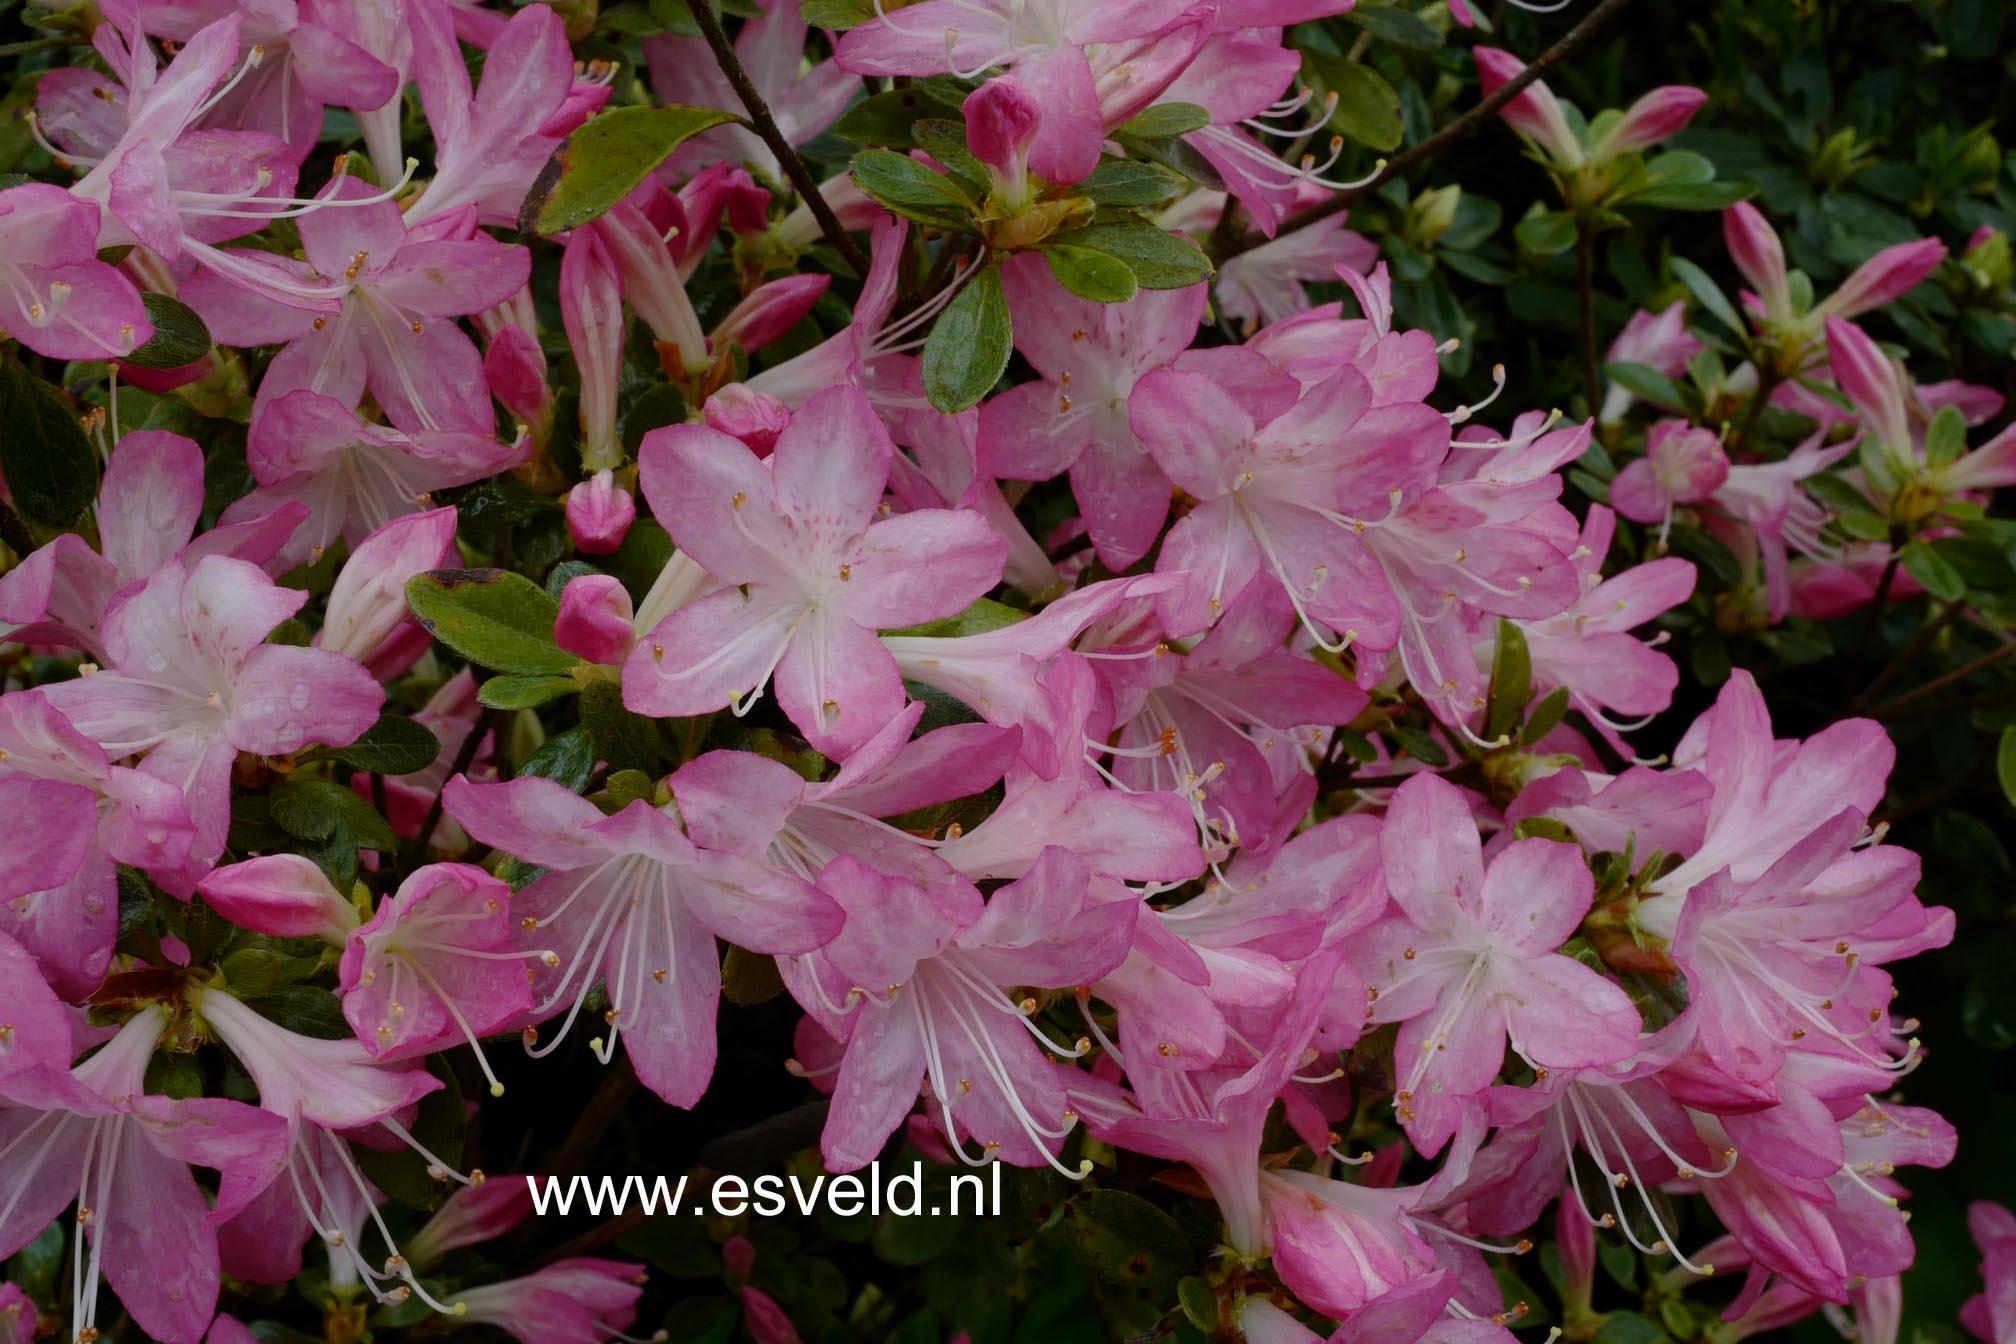 Rhododendron 'Louisa' (Azalea)